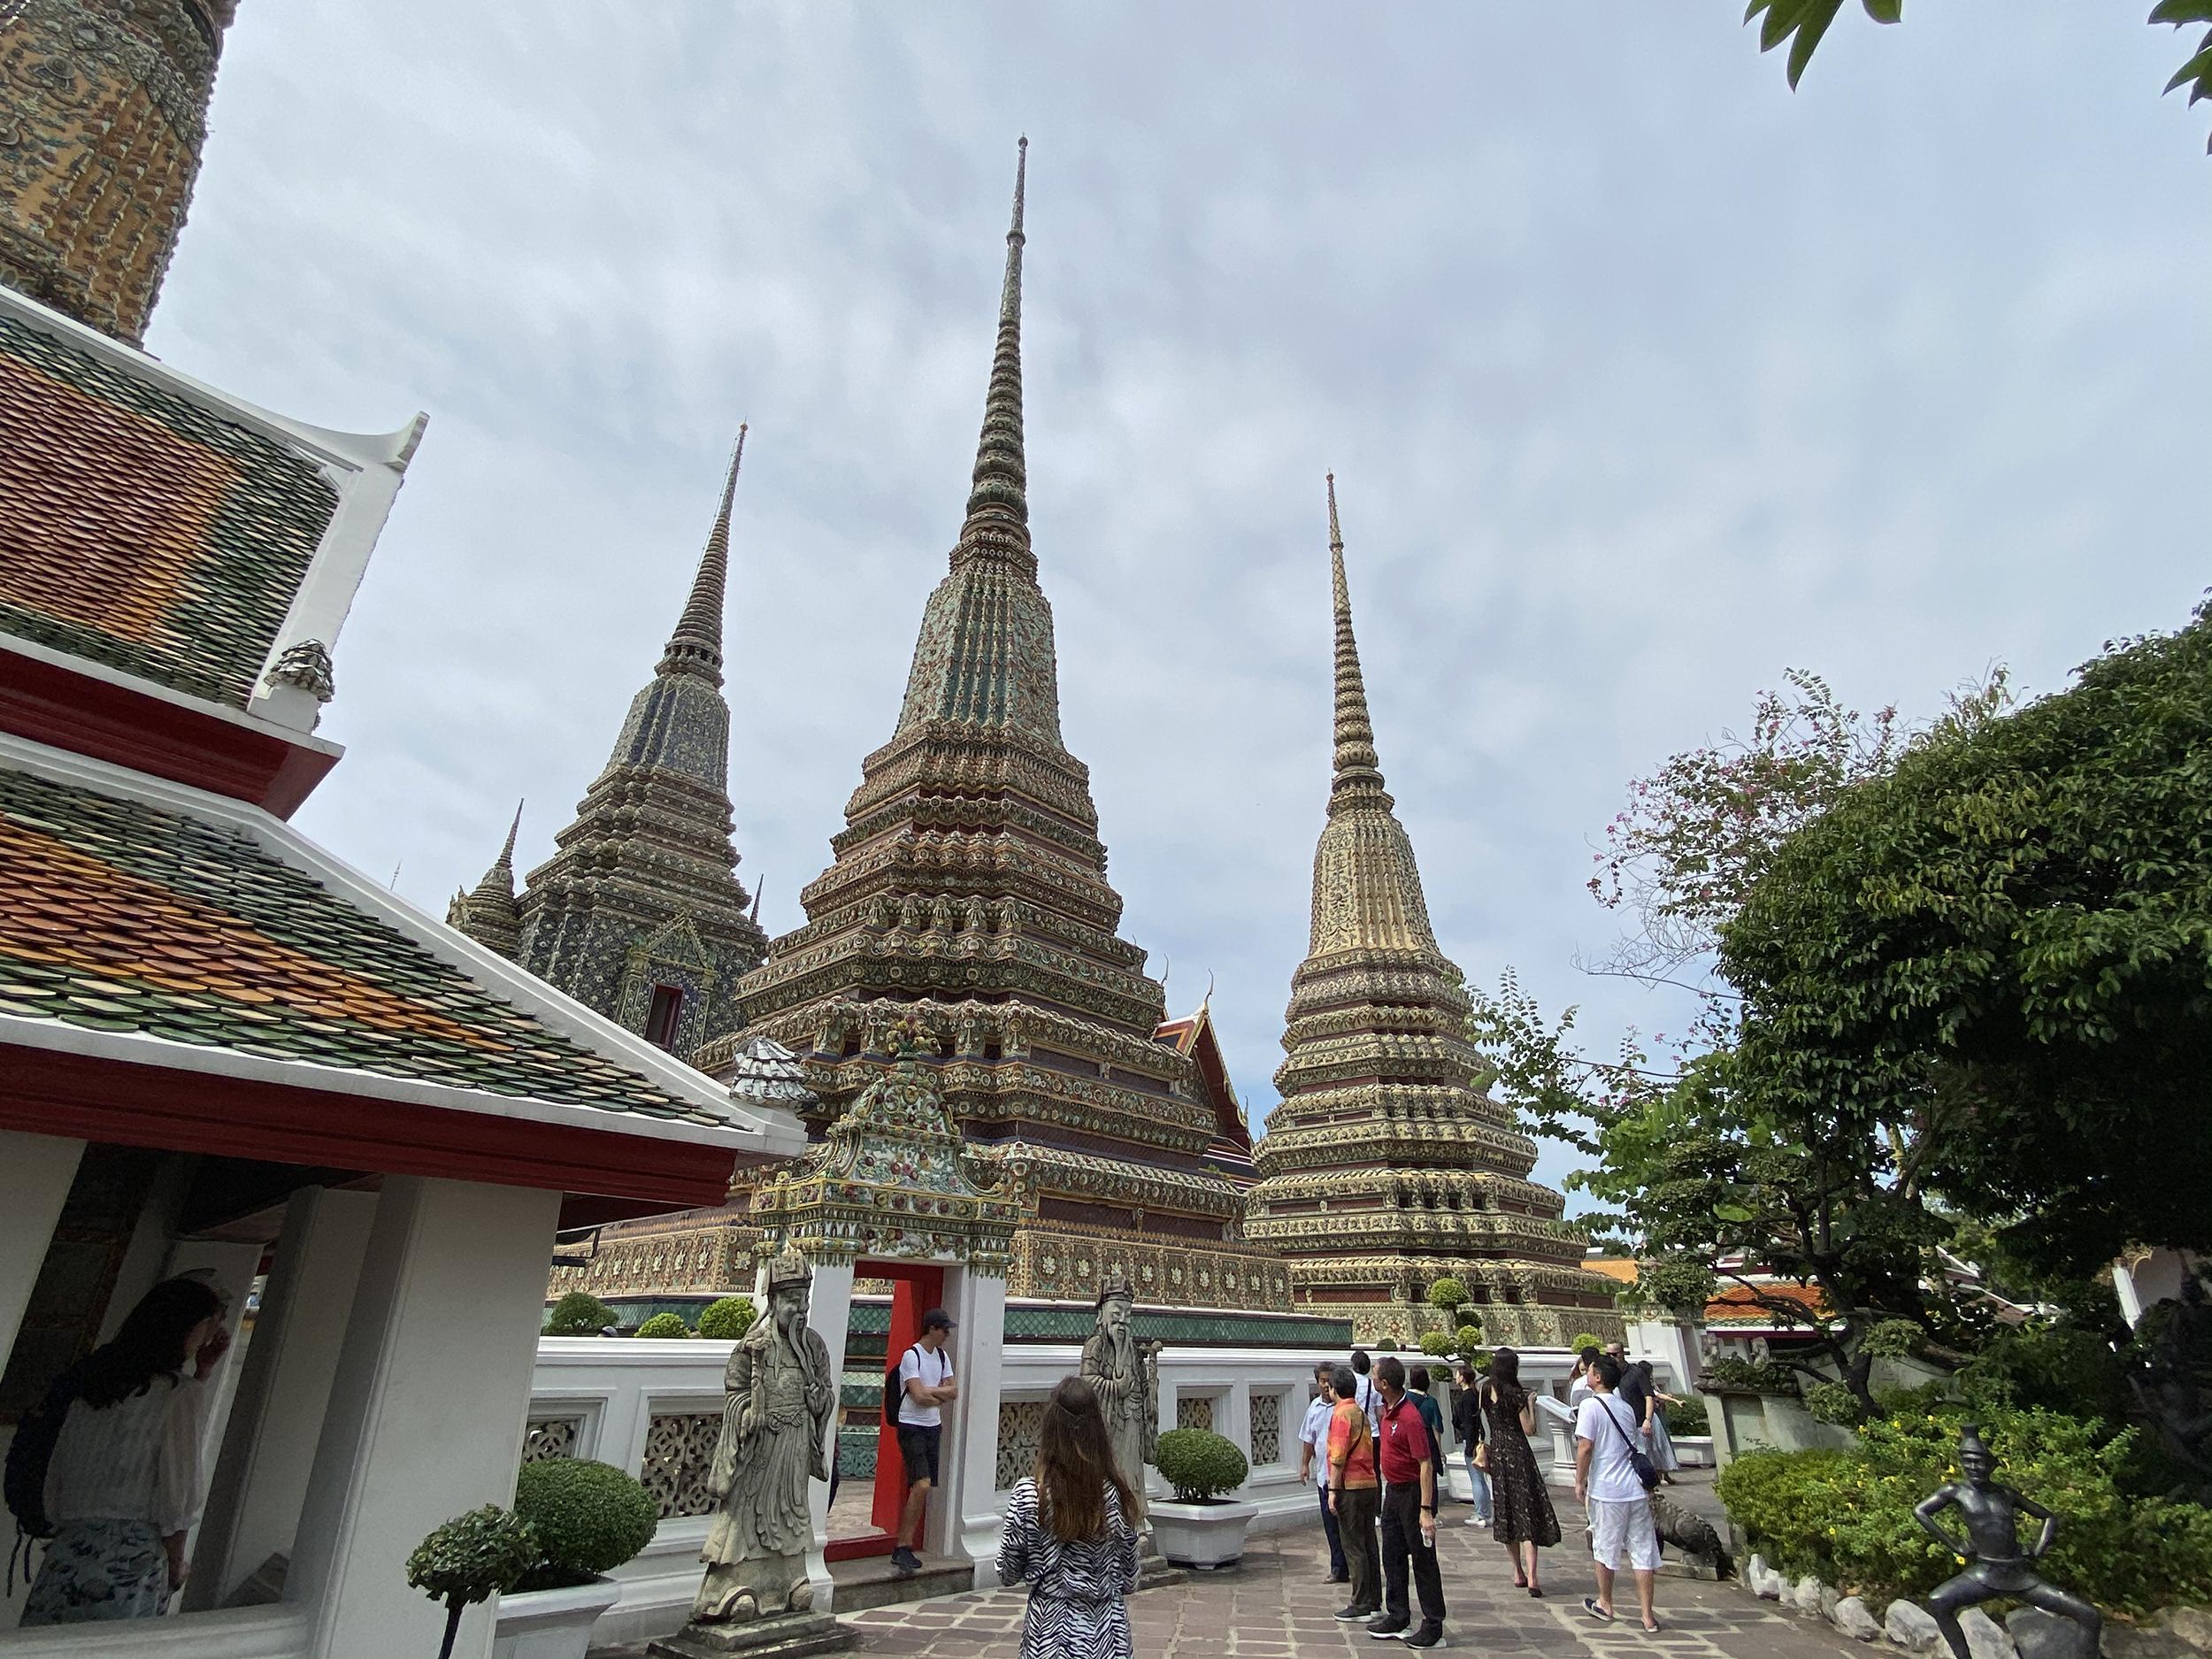 バンコク駐在妻レポート:バンコクの治安は?出歩いて良い場所、危険な場所